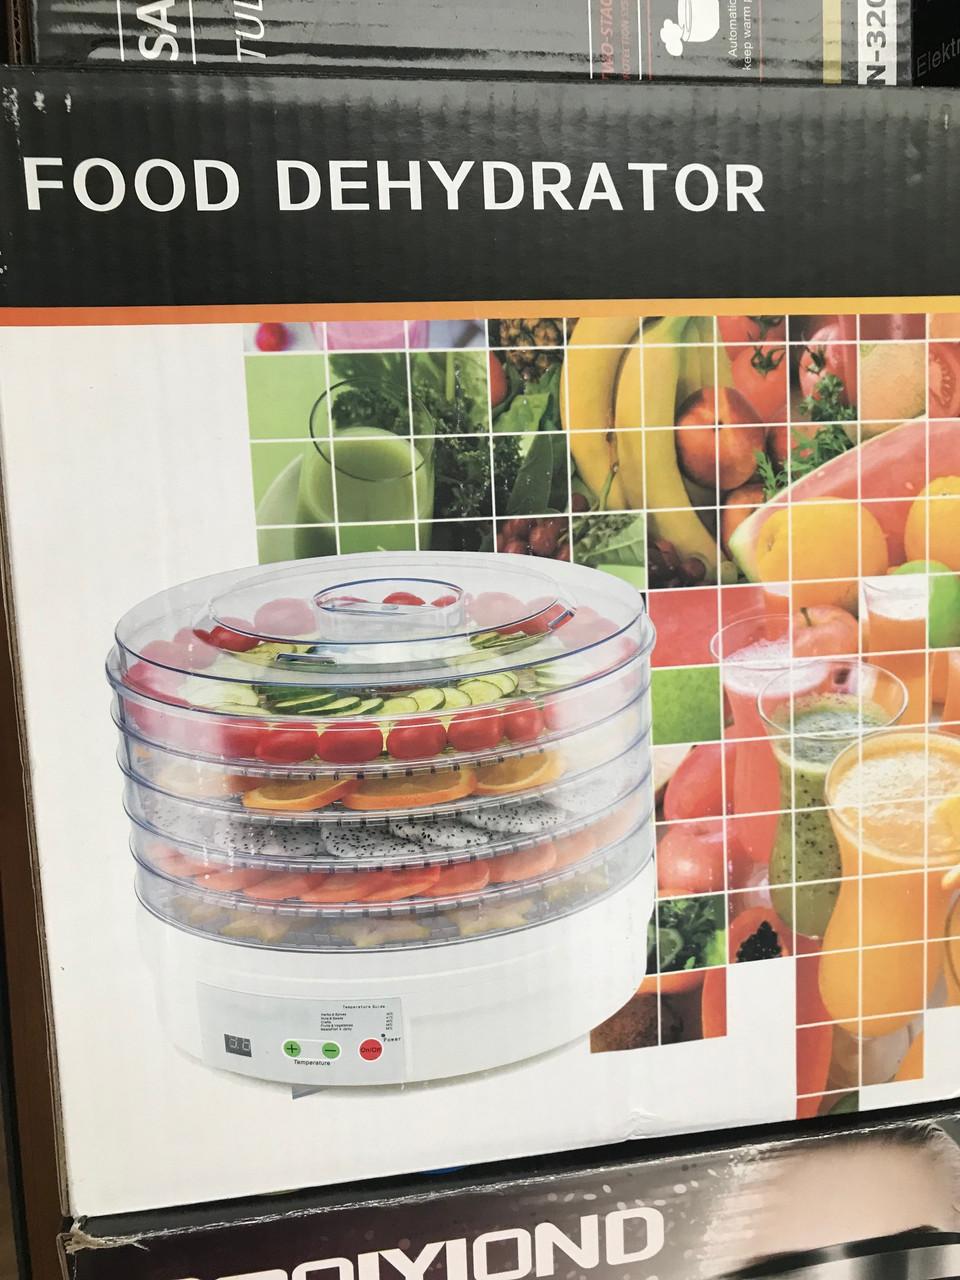 Дегидратор (сушилка для овощей) - фото 2